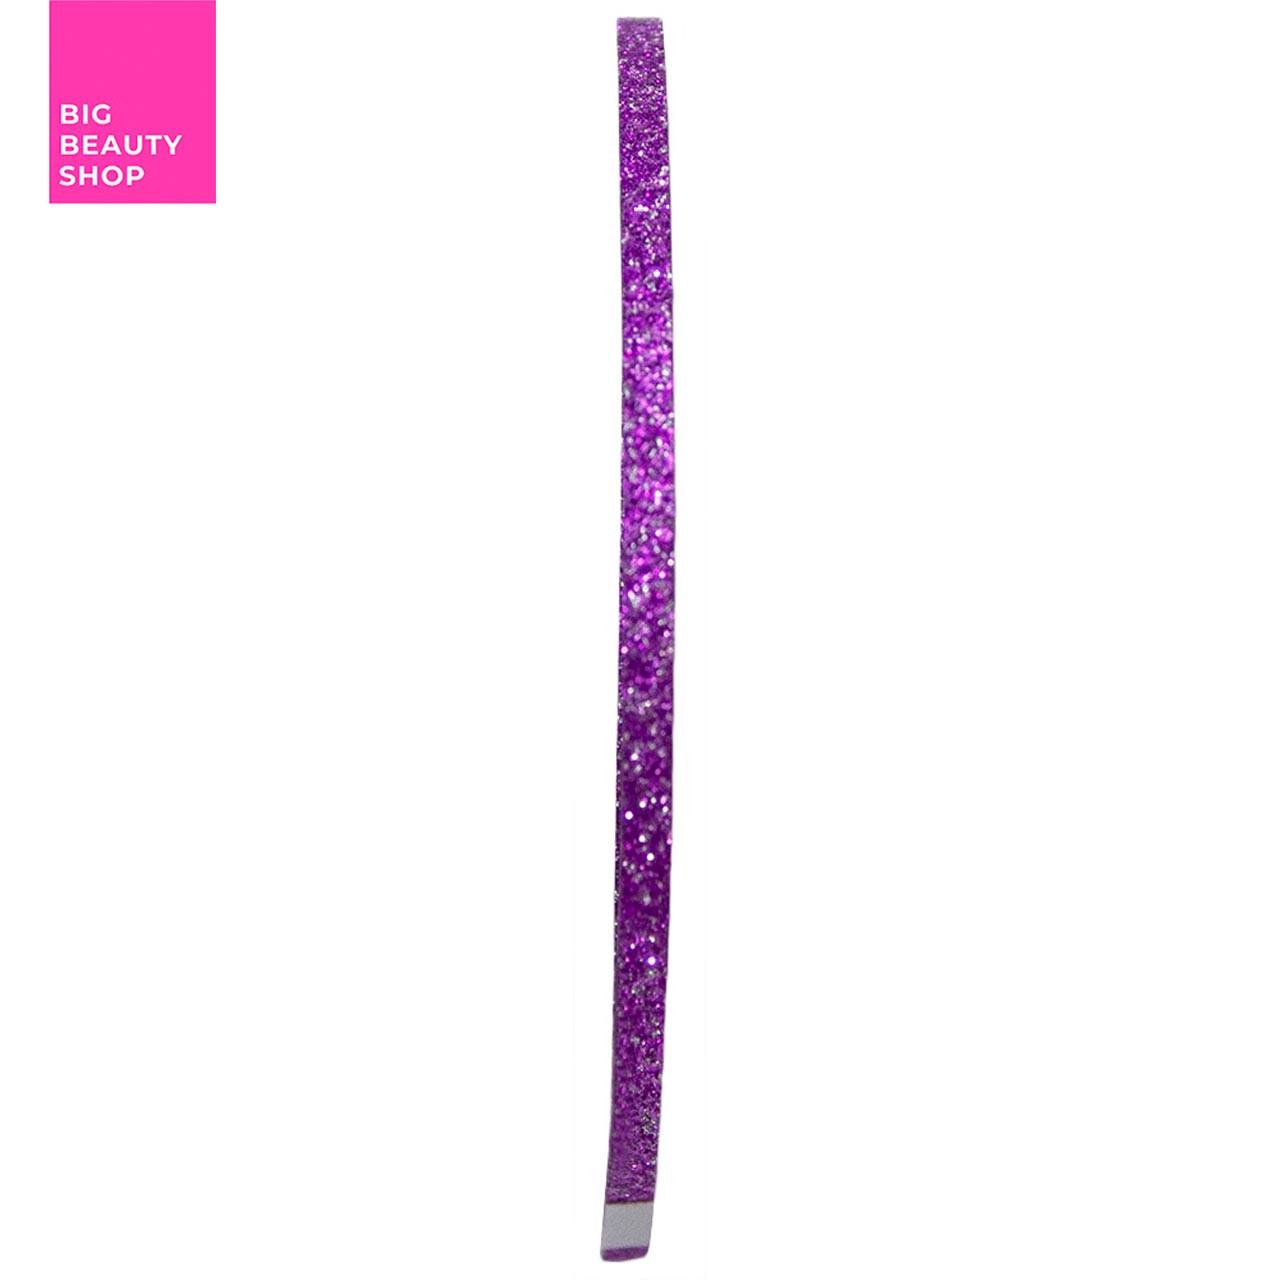 Голографическая полоска для ногтей 2 мм (фиолетовая с блестками)